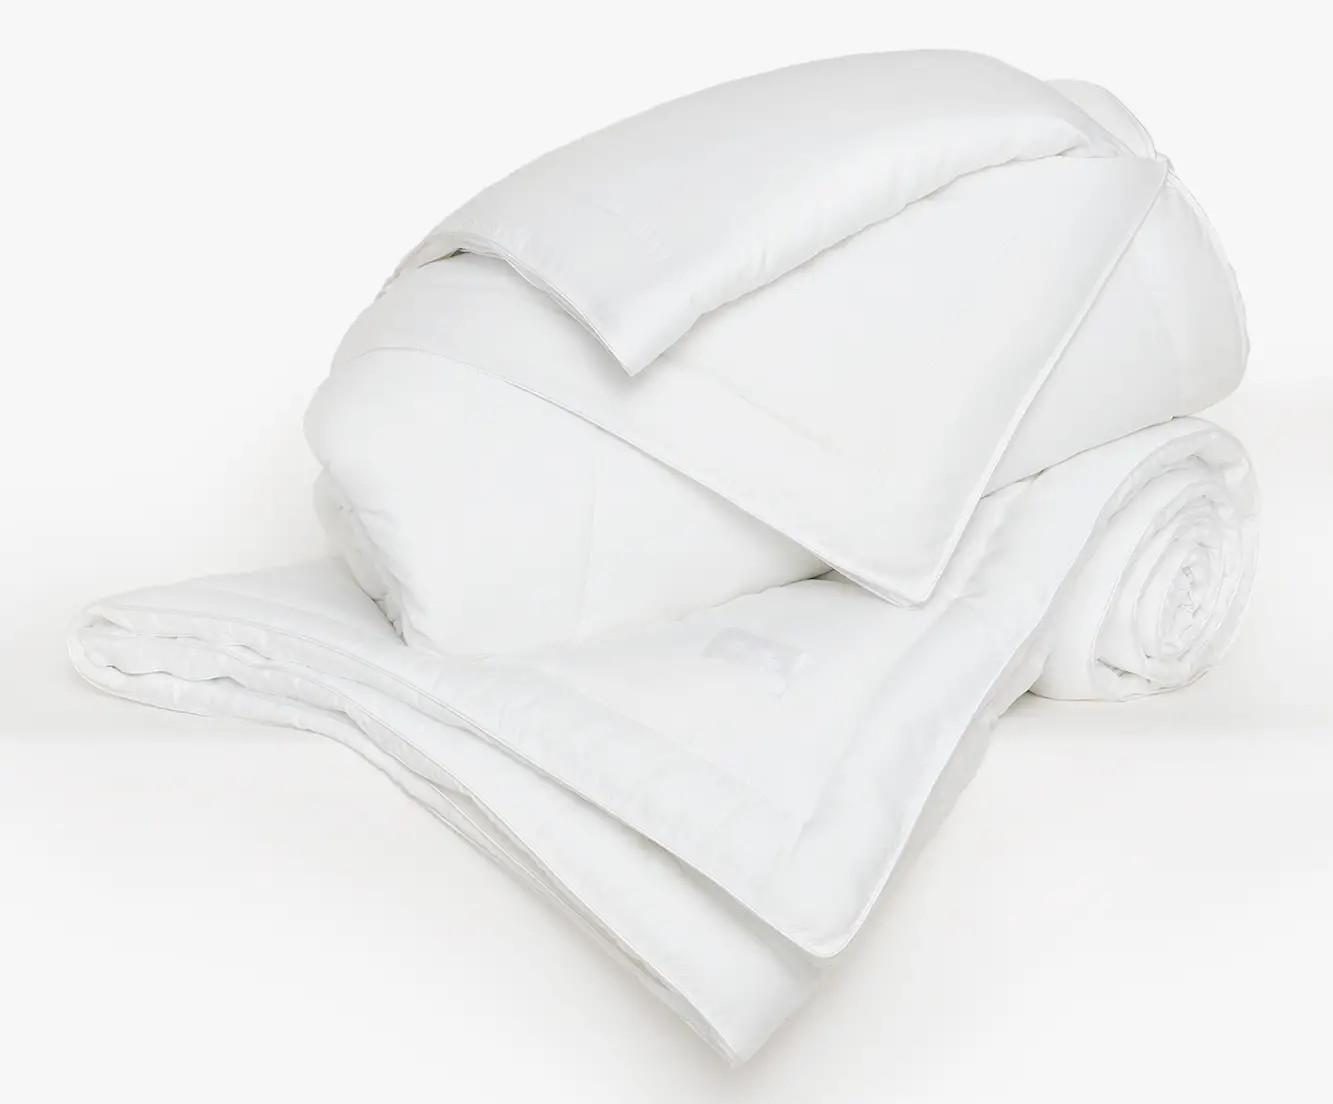 comforter vs duvet which one looks better?